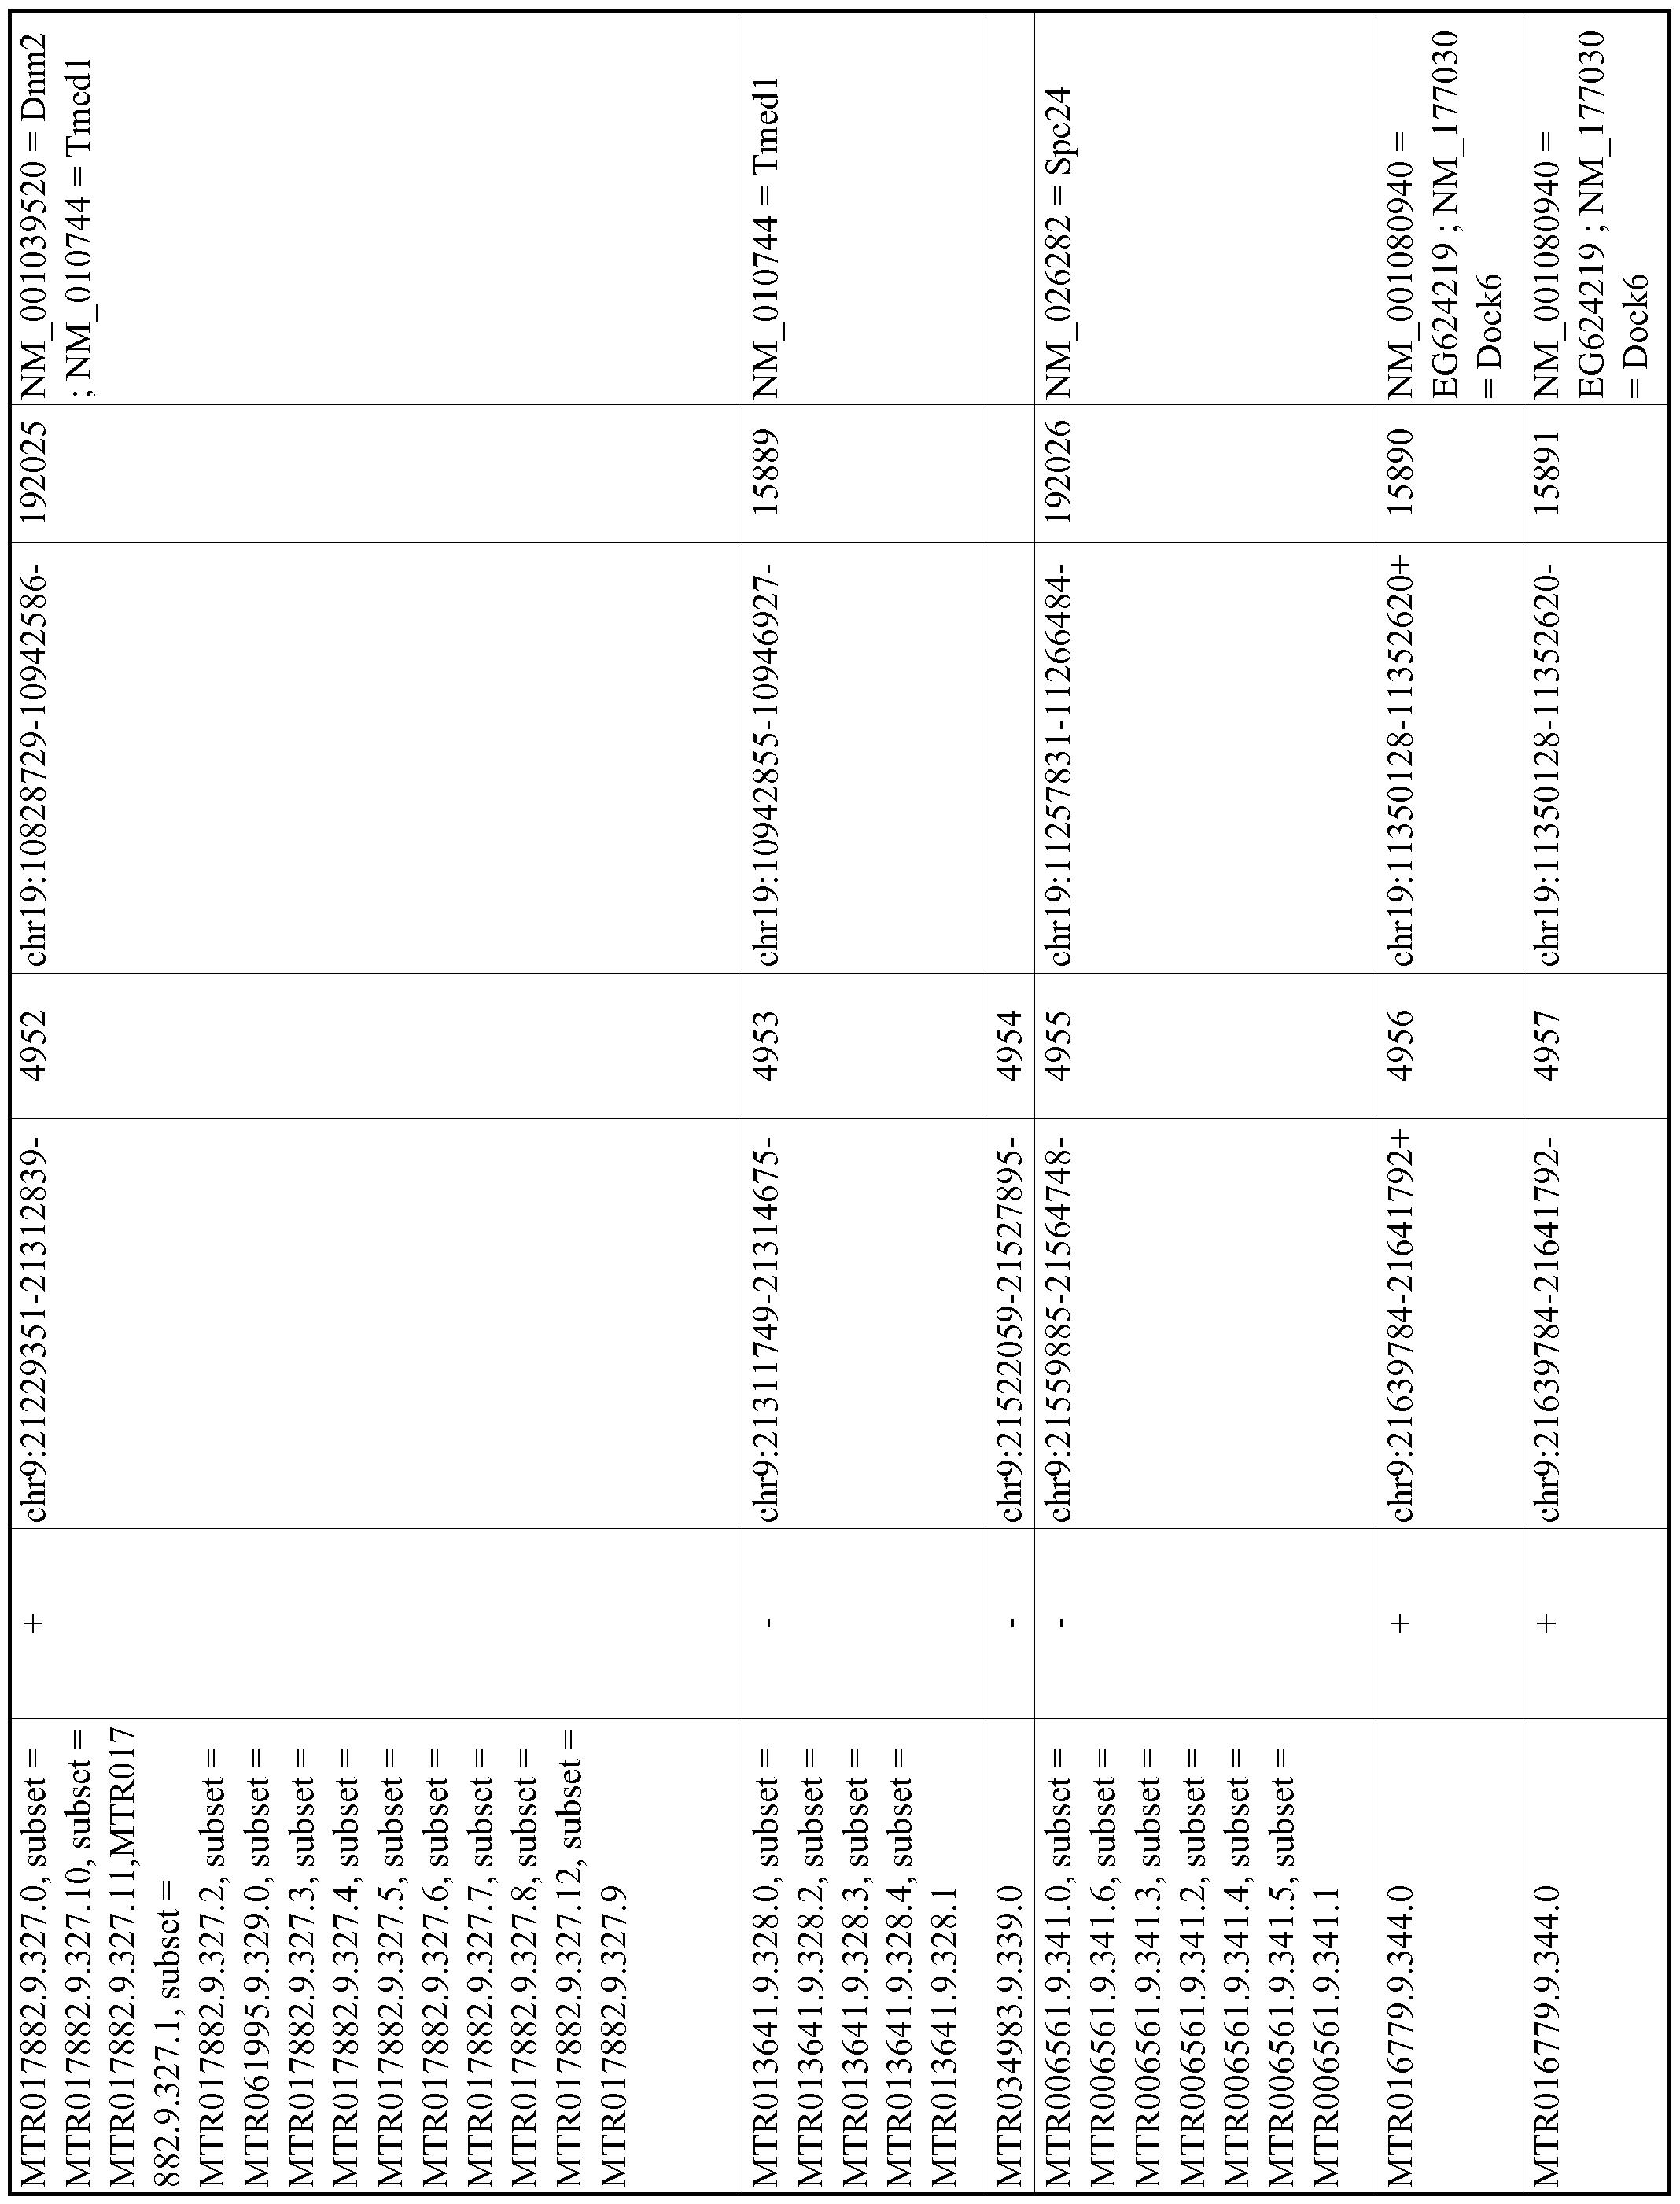 Figure imgf000912_0001